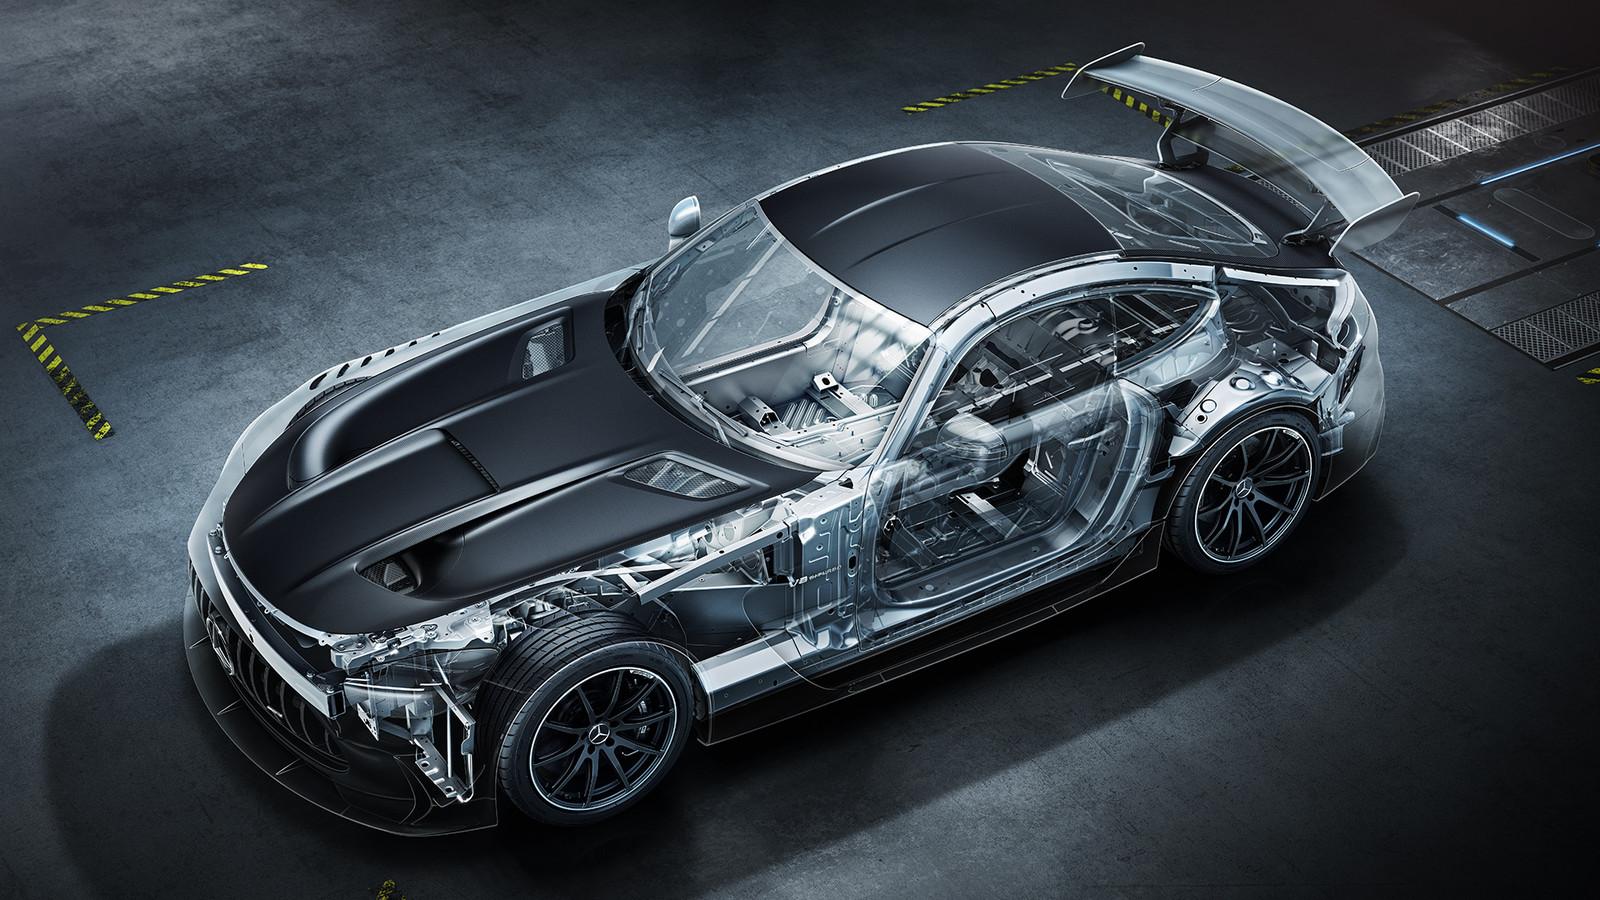 De Mercedes-AMG GT Black Series